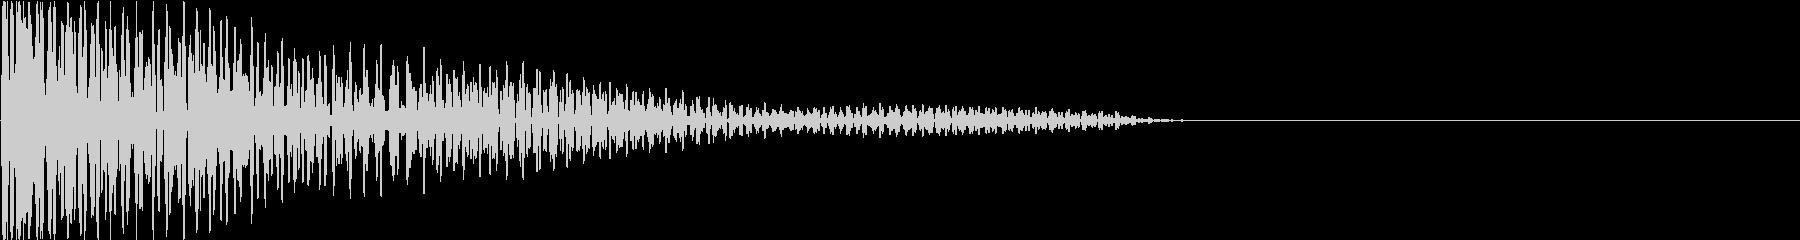 タム 太鼓 一発のみの未再生の波形